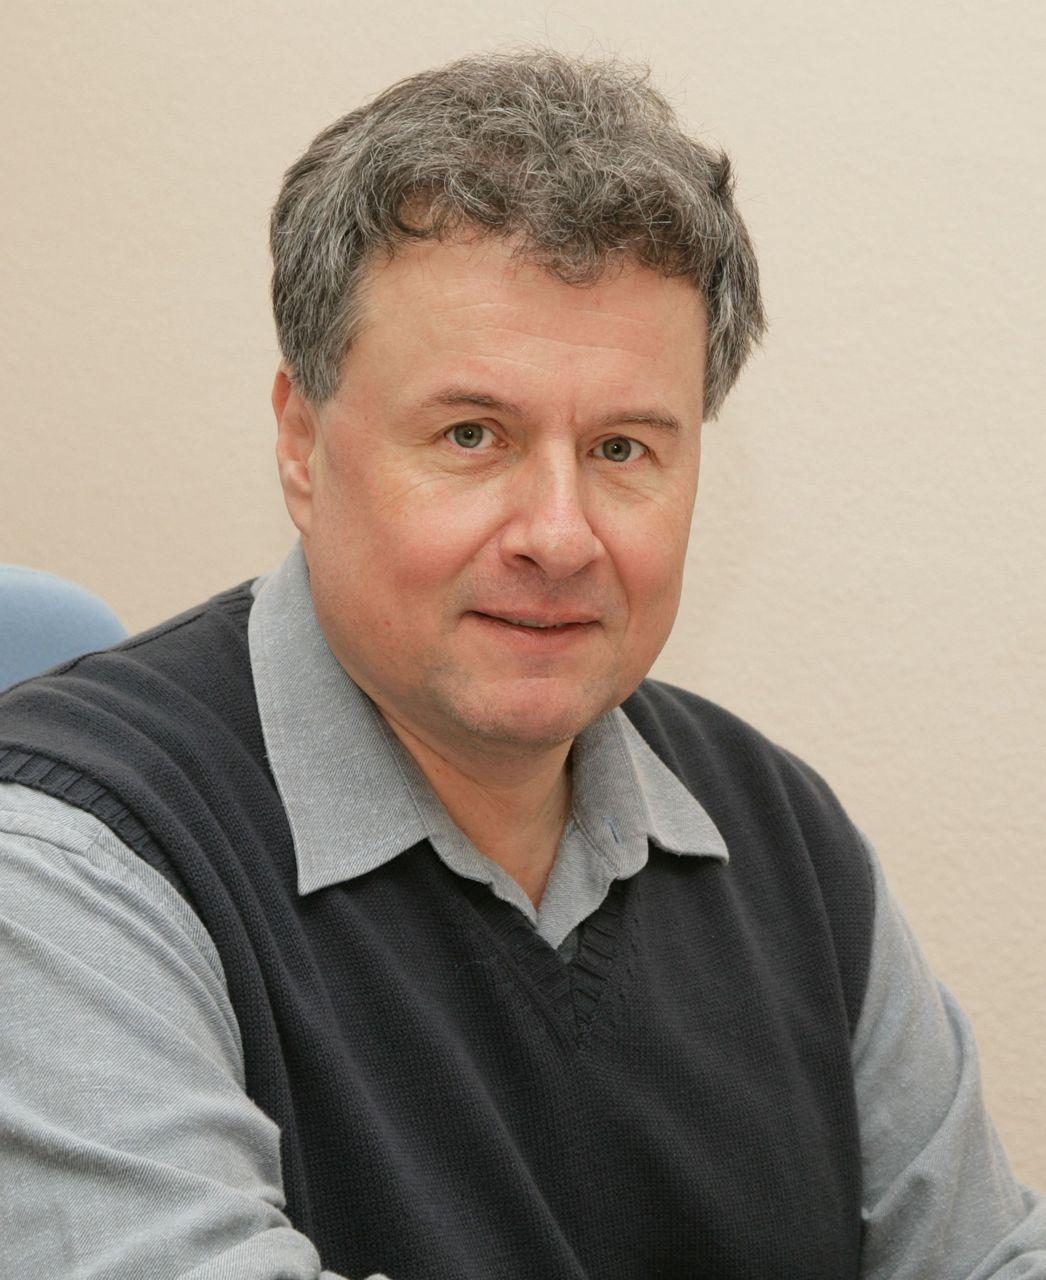 Endre Kollár